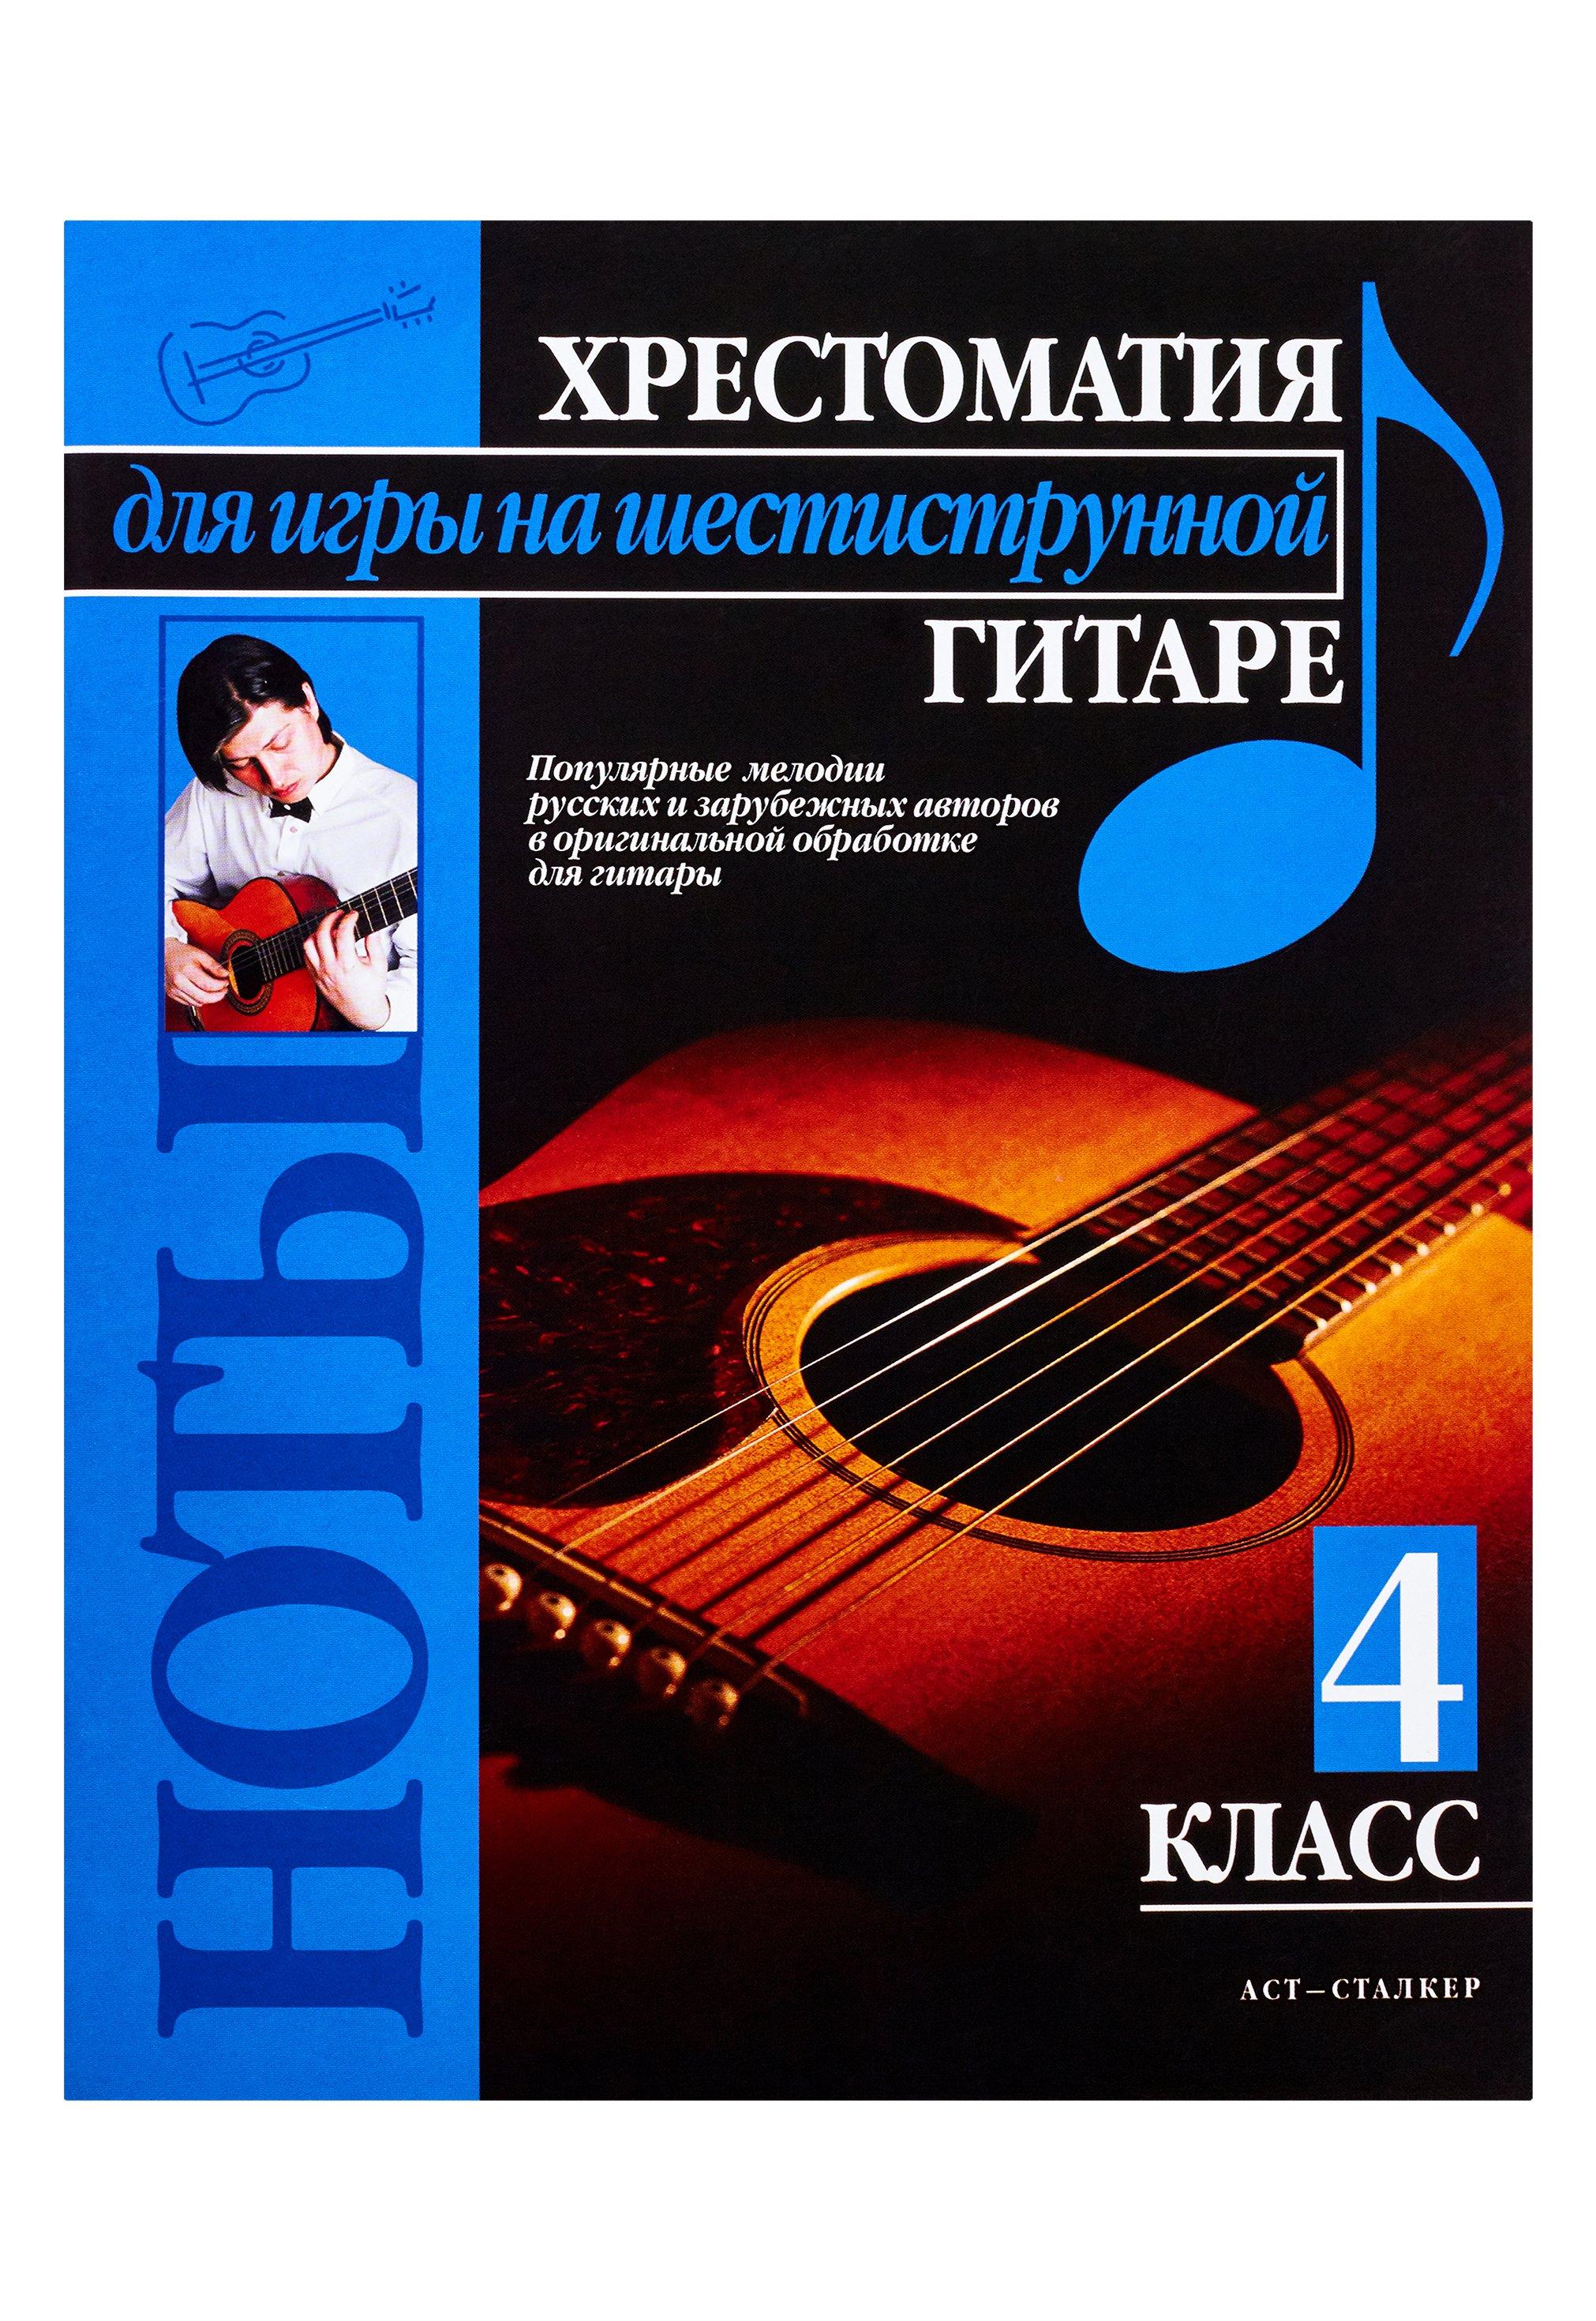 Иванников Павел Владимирович Хрестоматия для игры на шестиструнной гитаре. (4 класс)